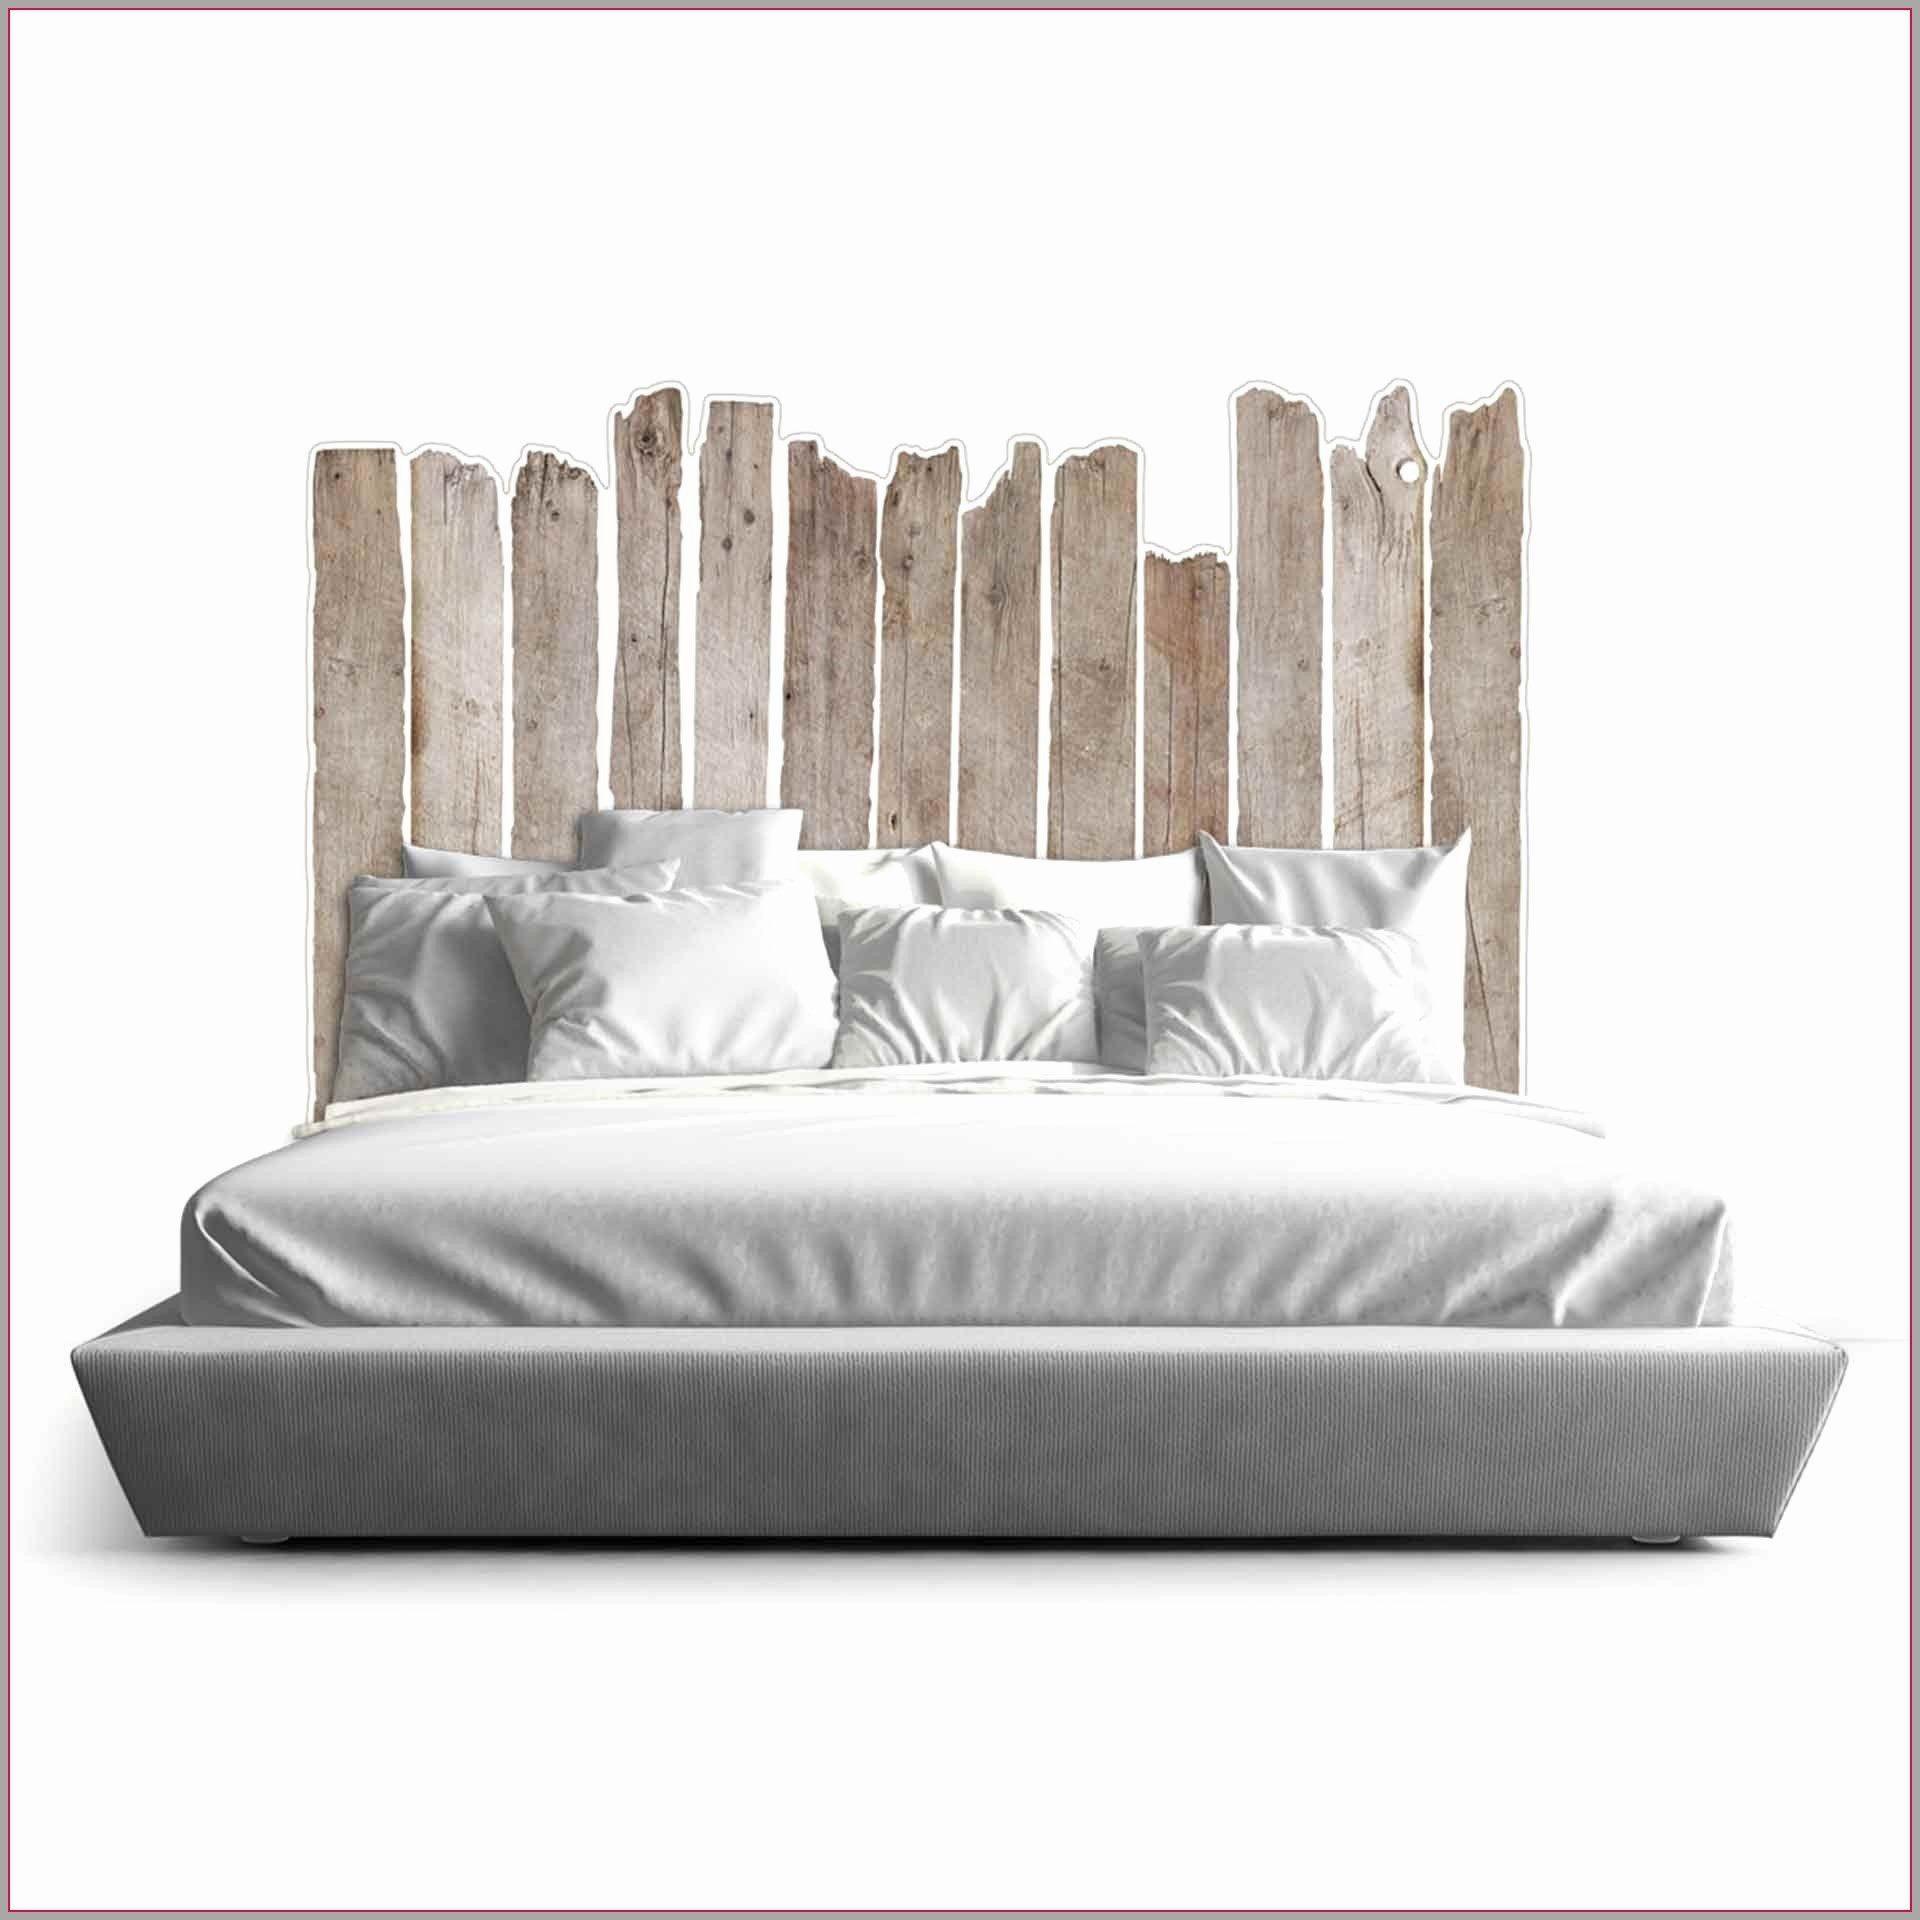 Lit Mezzanine Bois Blanc 2 Places Ikea Canap Lit Ma17 Hemnes Lit